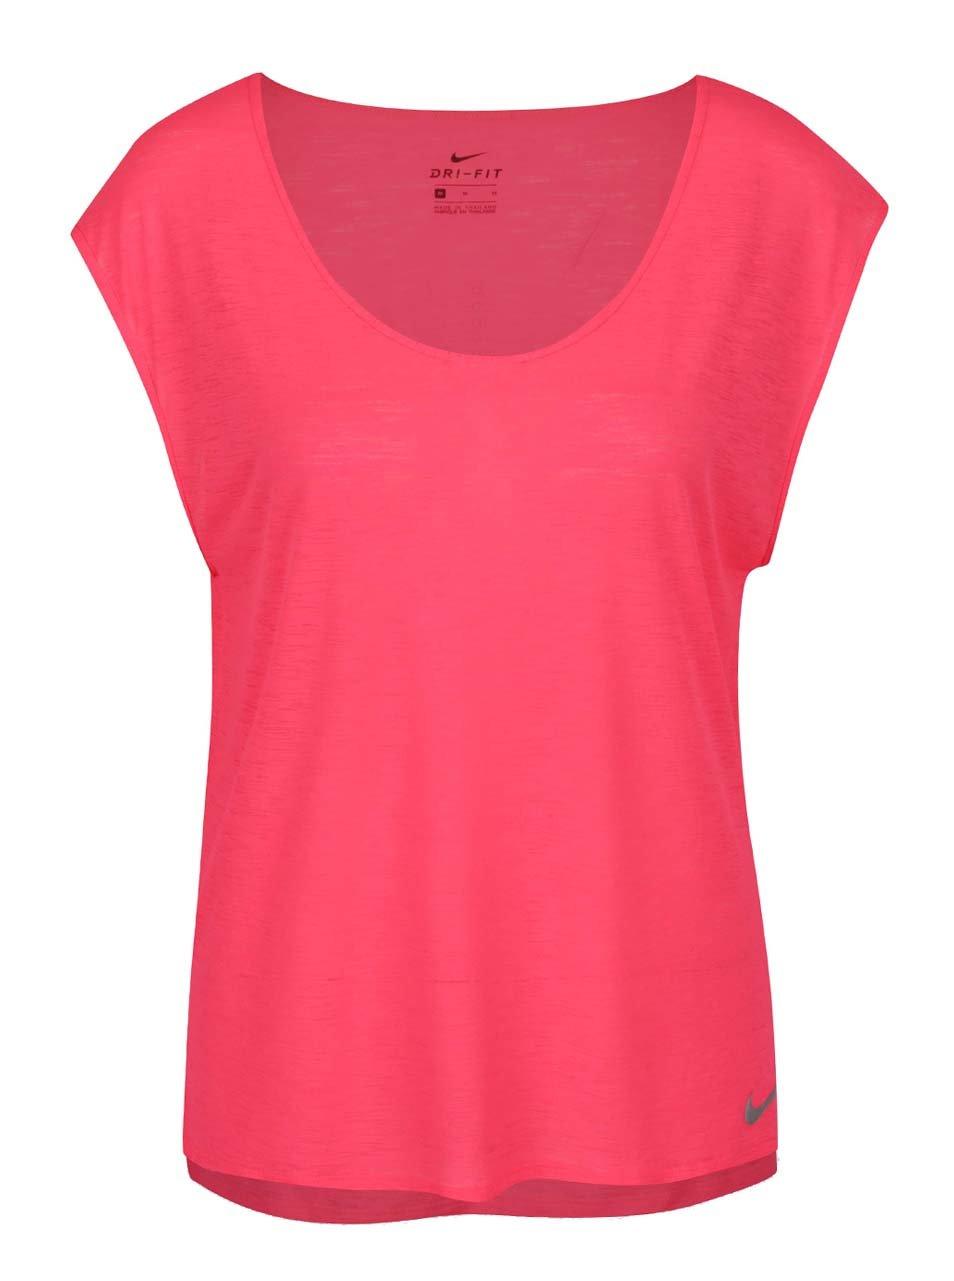 6834cfa615e1 Ružové dámske funkčné tričko s krátkym rukávom Nike ...